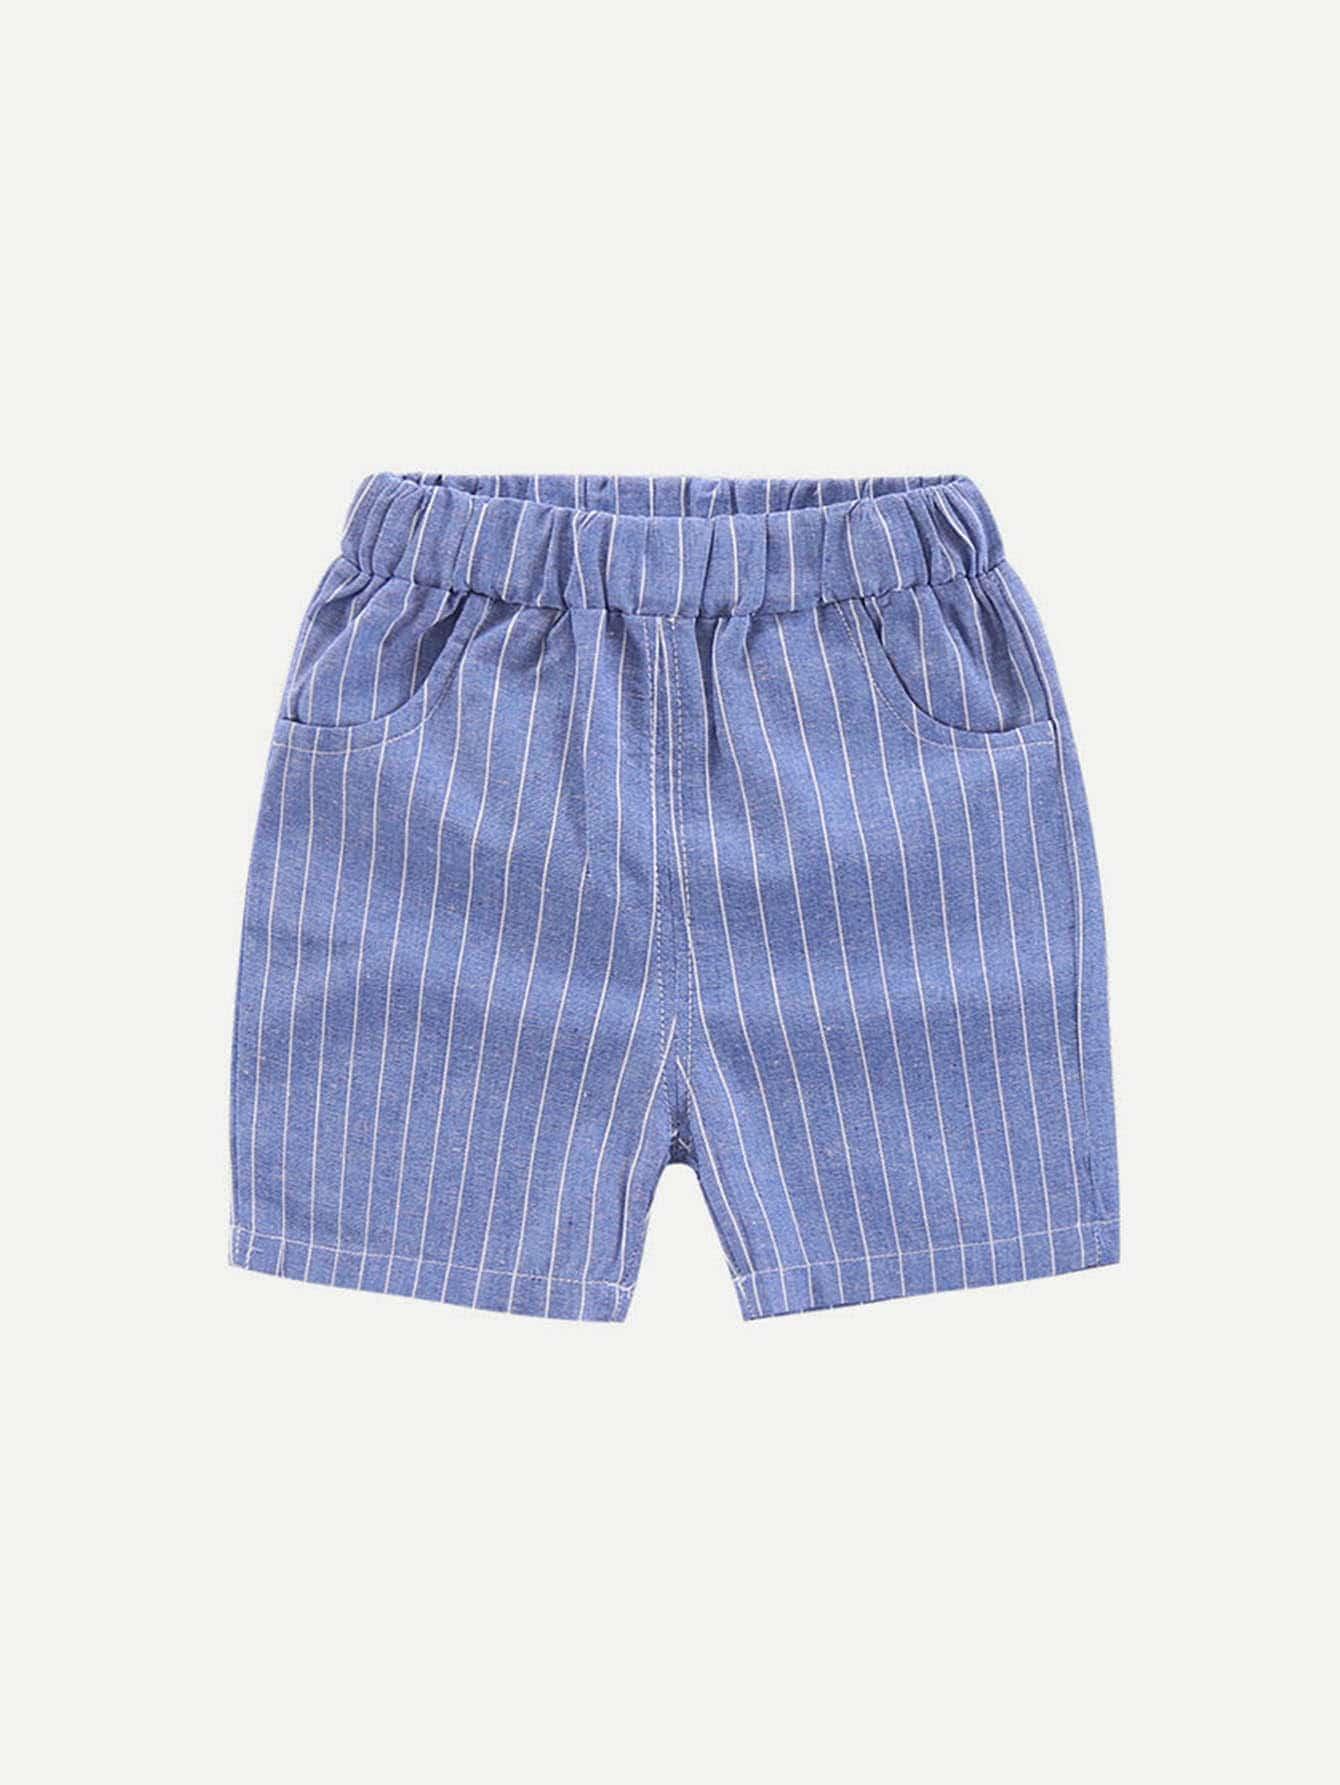 Купить Полосатые шорты и с басоном эластичным для мальчика, null, SheIn